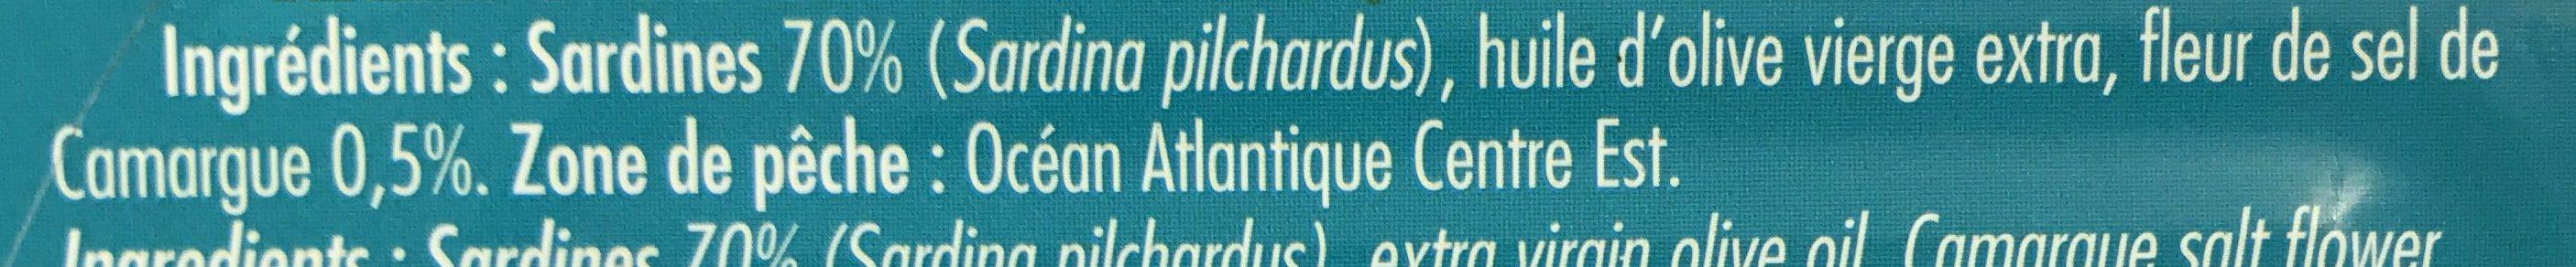 Sardines à l'Huile d'olive et Fleur de Sel - Ingrédients - fr